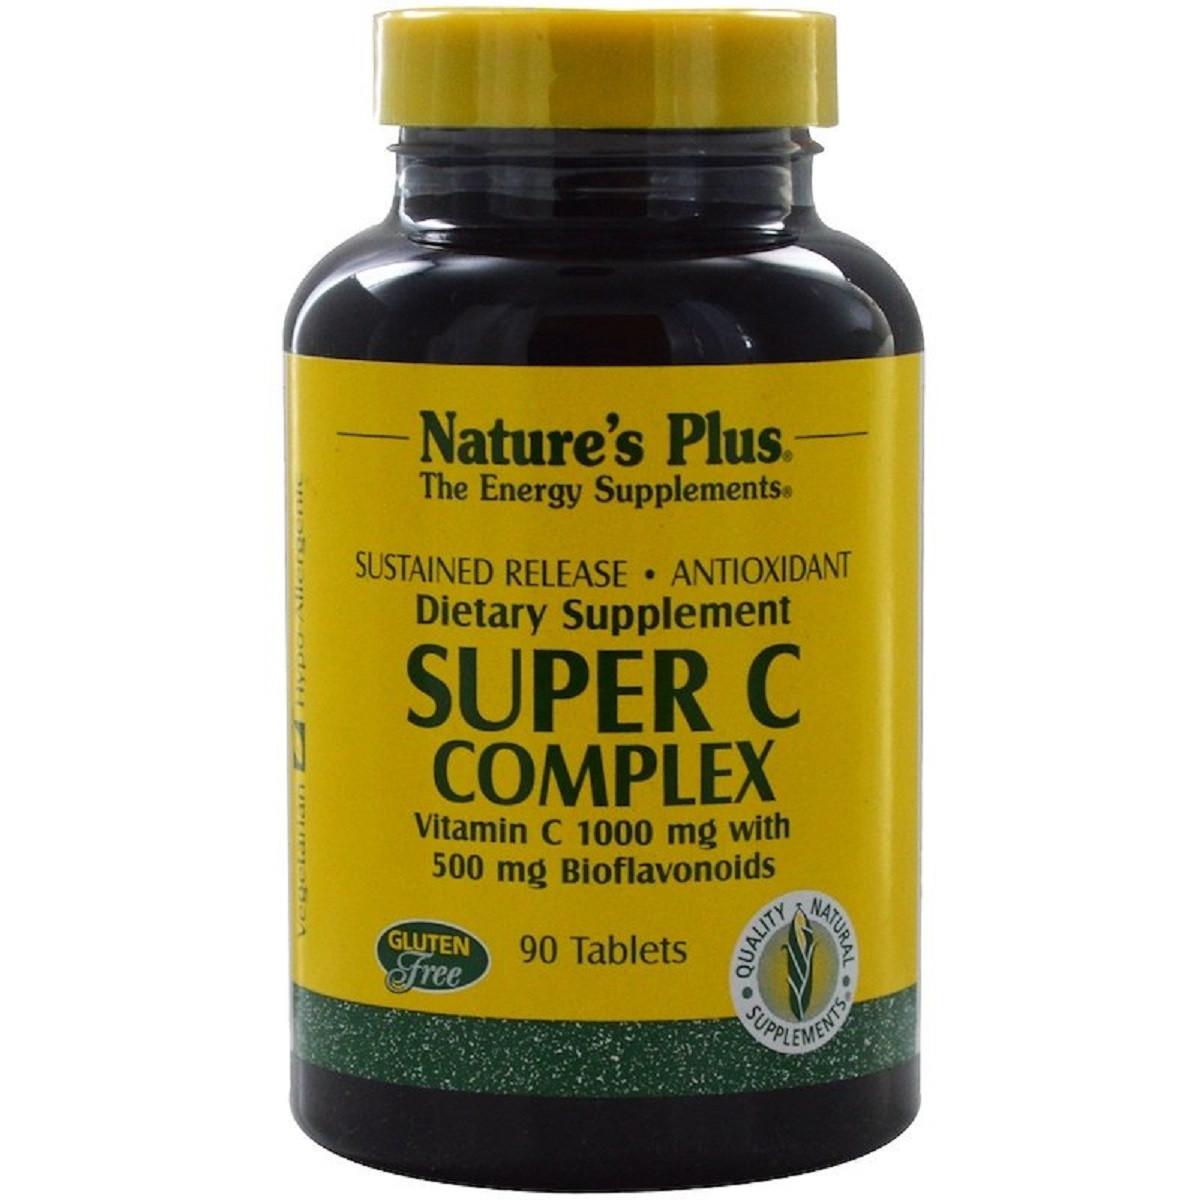 Супер Комплекс Витамина С, Замедленное Высвобождение, Super C Complex, 500 мг, Nature's Plus, 90 таблеток